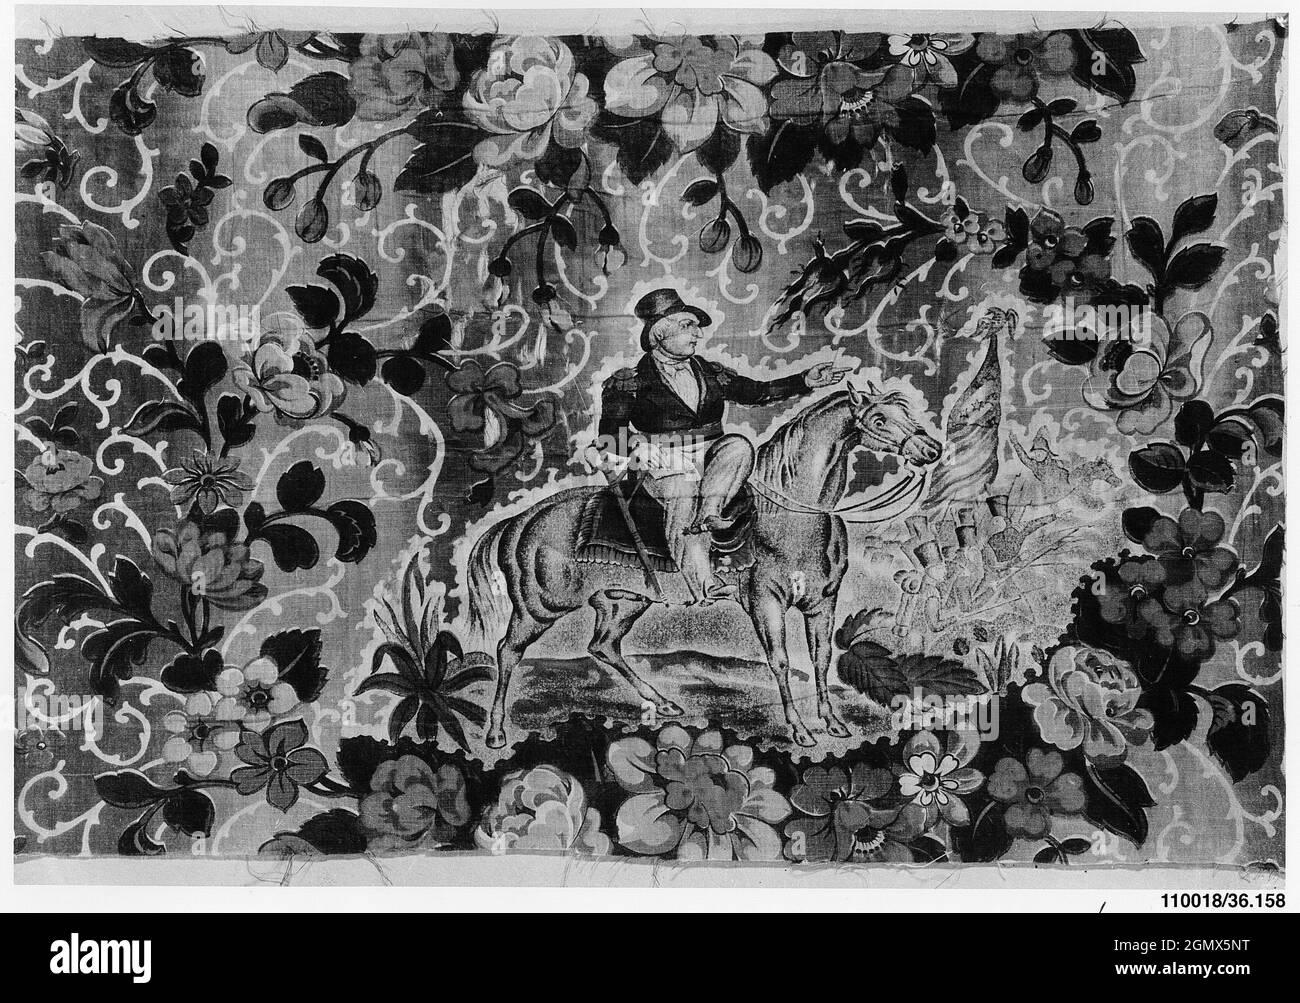 Pièce. Date : env. 1846-48; Culture: Américaine; milieu: Coton, gravé, imprimé sur rouleau; Dimensions : 25 x 16 po (63.5 x 40.6 cm) ; Classification : Banque D'Images